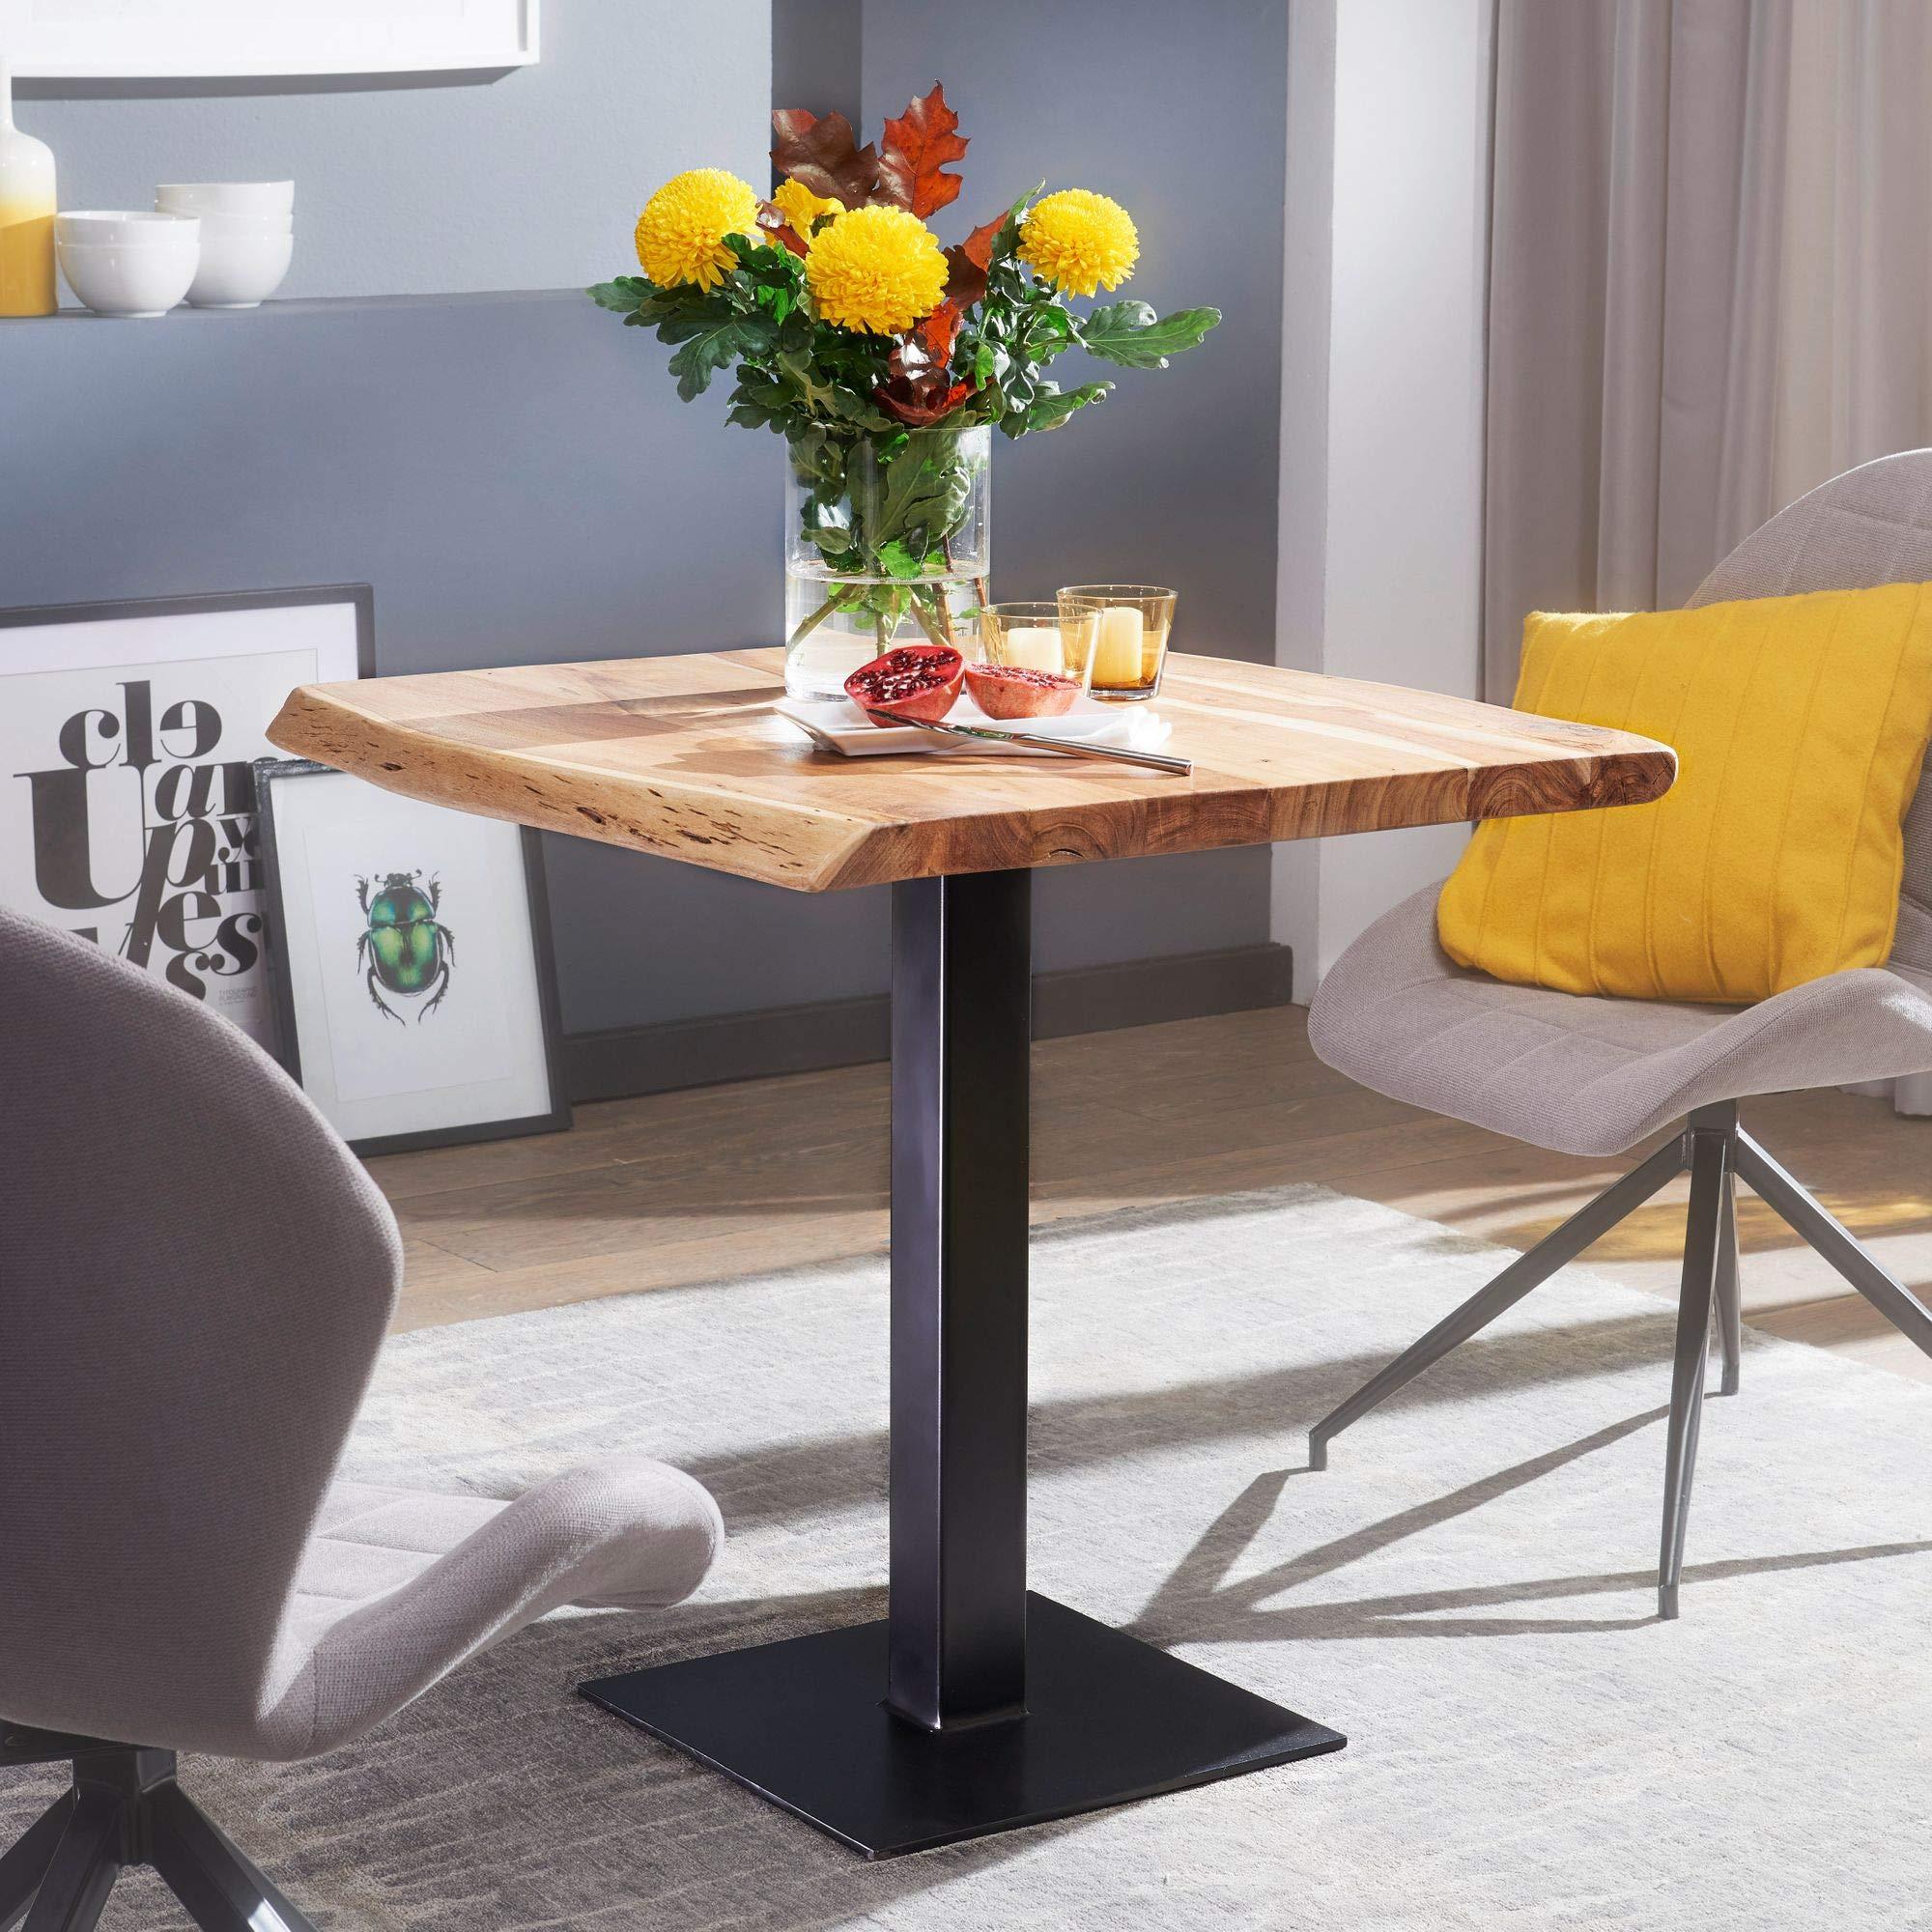 FineBuy Esstisch Baumkante 80 x 75 x 75 cm Akazie Massivholz Esszimmertisch   Kleiner Holztisch Esszimmer   Designer Küchentisch Quadratisch